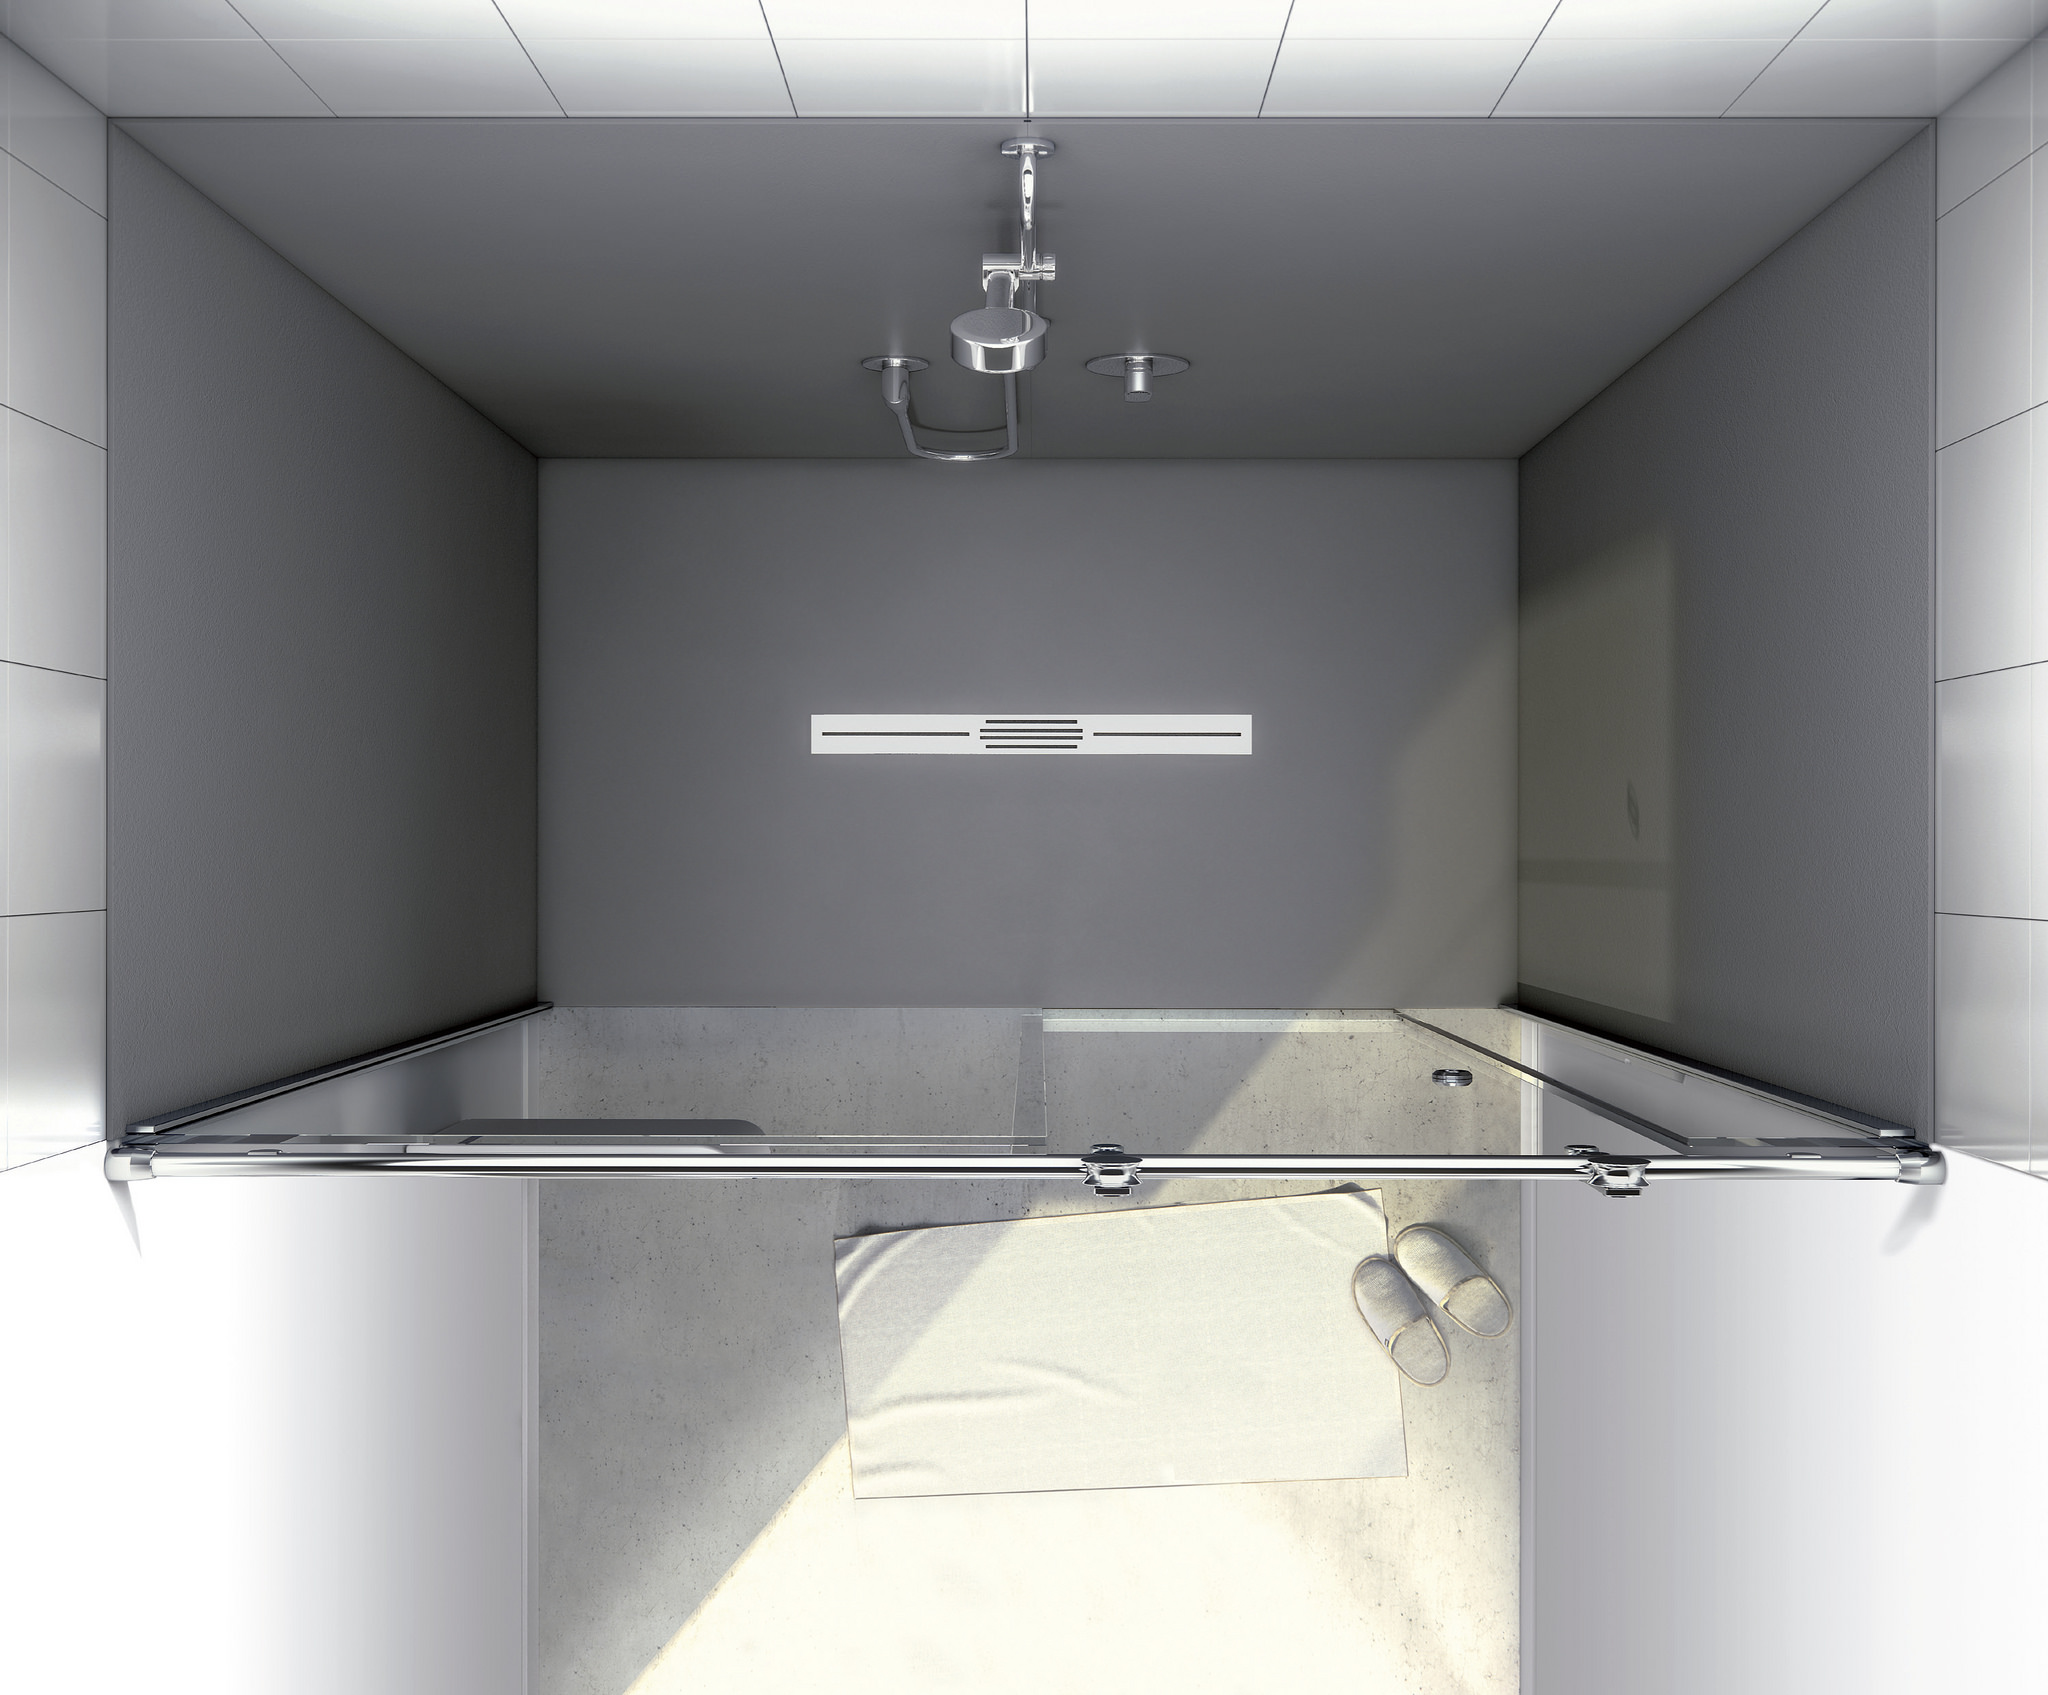 Platos de ducha - Tu ducha